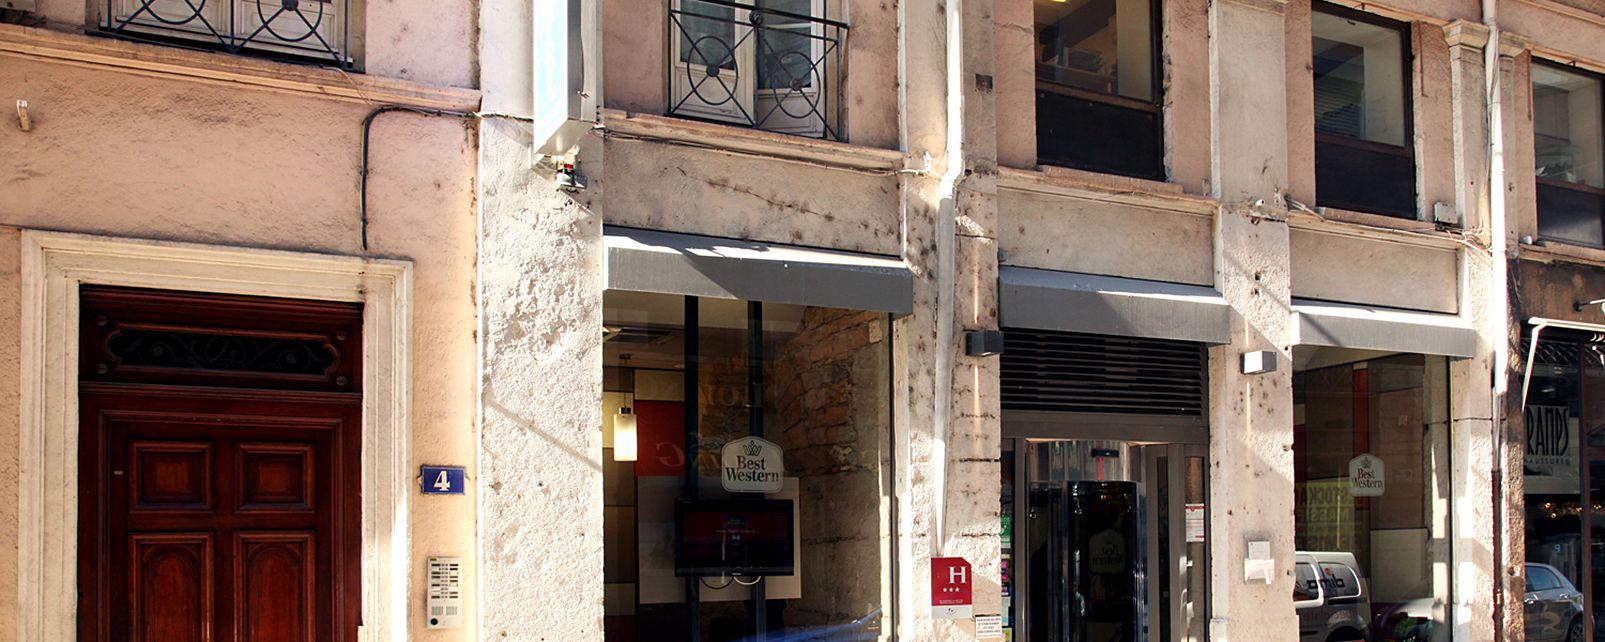 Hôtel BEST WESTERN SAINT ANTOINE